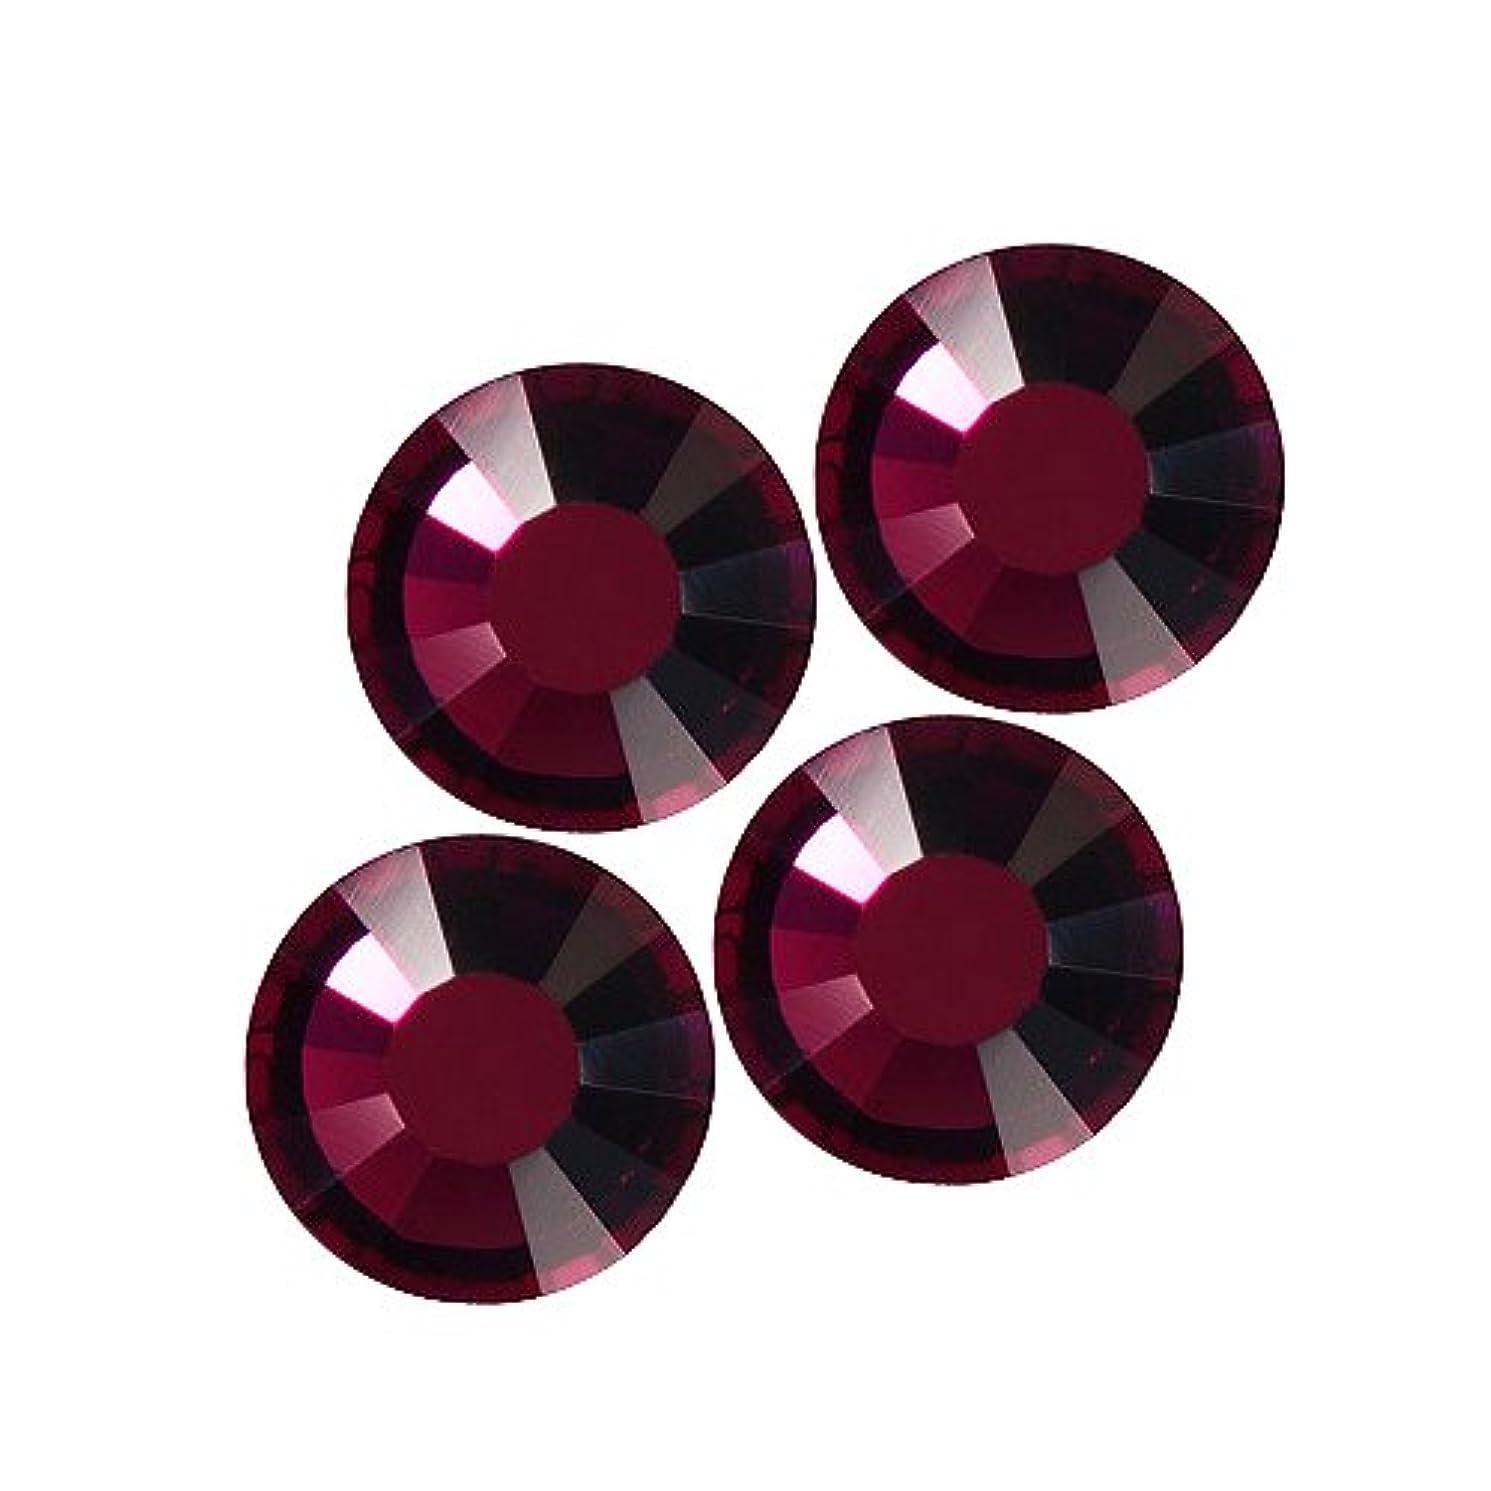 リーダーシップ忍耐植木バイナル DIAMOND RHINESTONE アメジストSS30 360粒 ST-SS30-AME-5GH